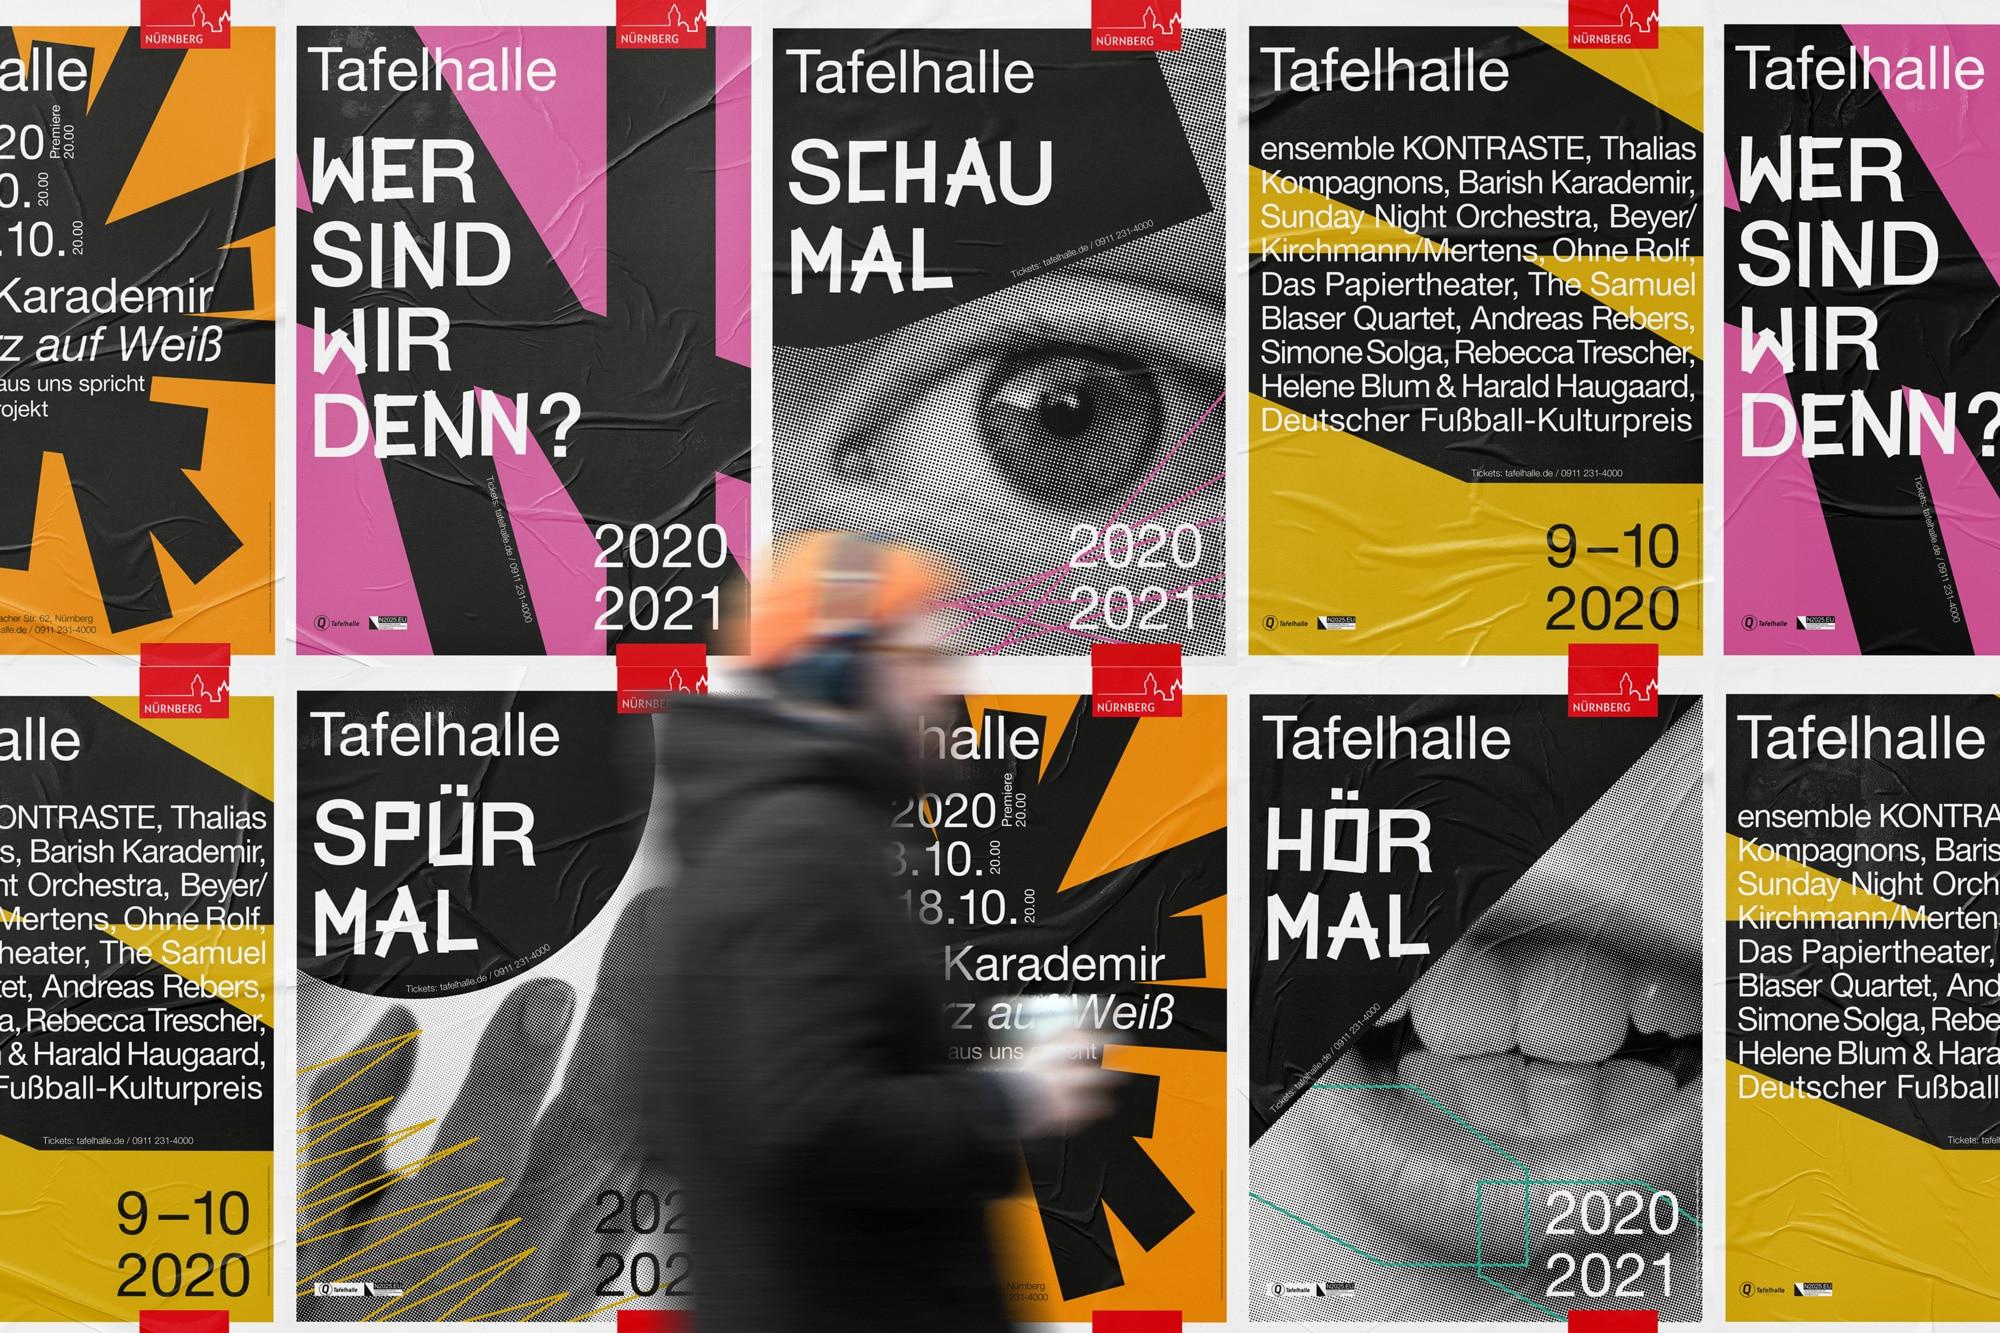 planx-Tafelhalle-Spielzeit20-21-Plakate-06